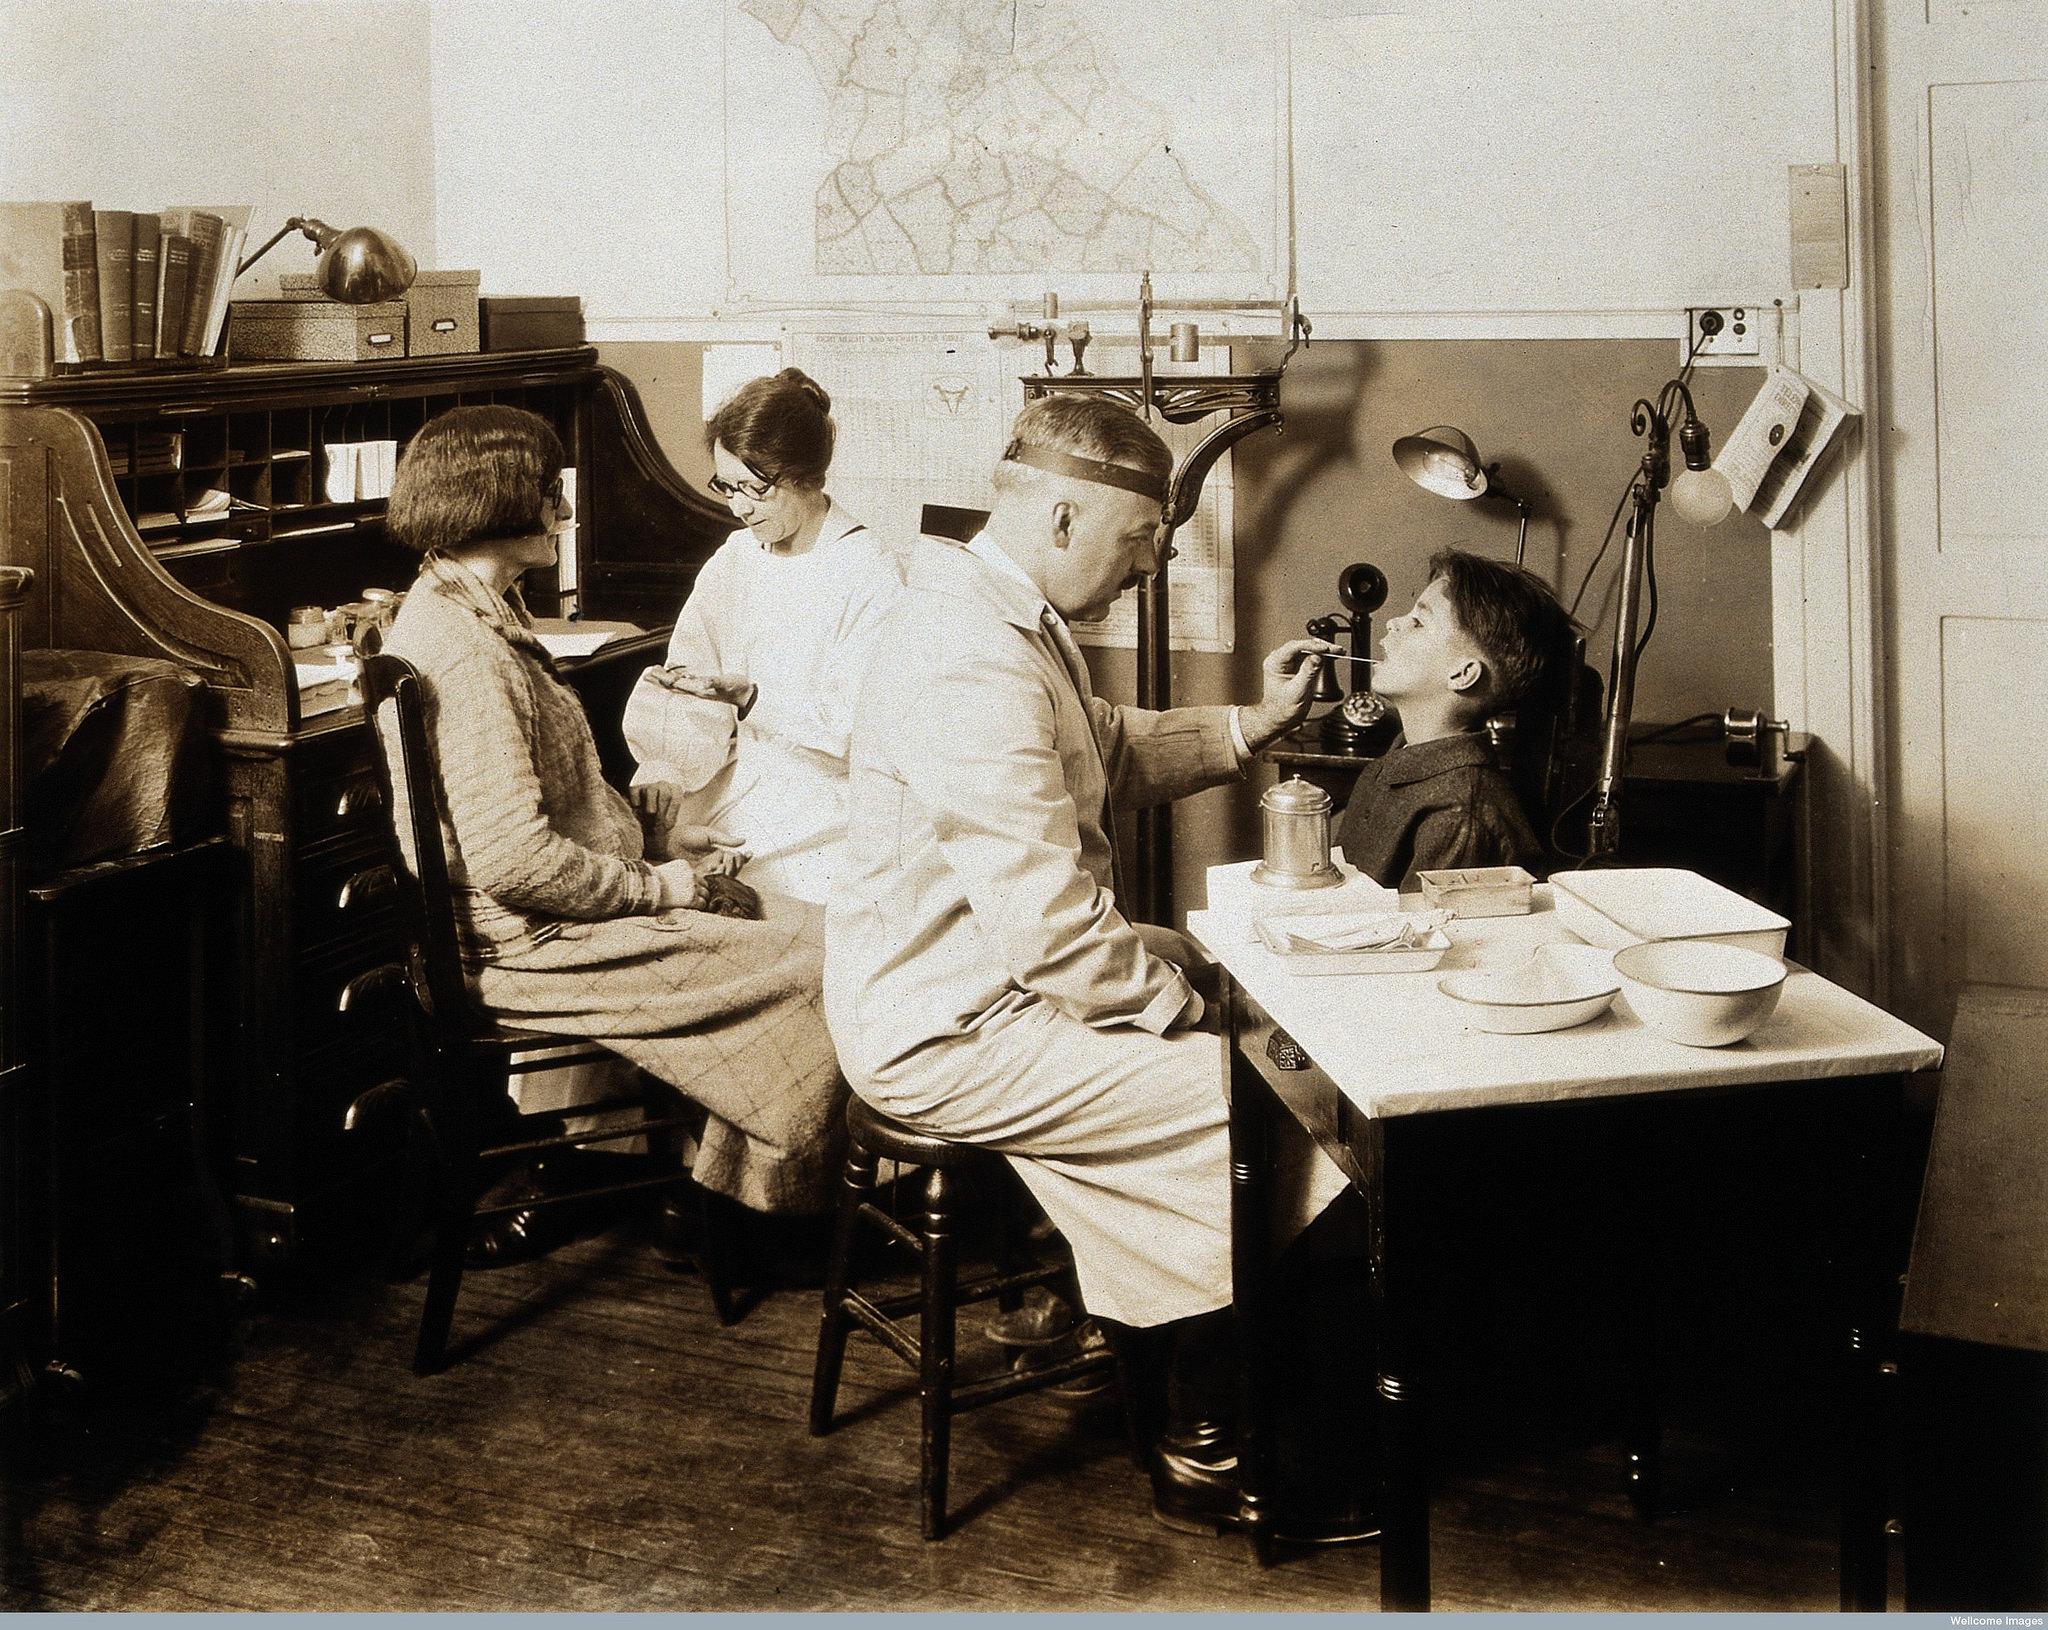 Untersuchung in einer Tuberkuloseklinik in den USA anfangs des 20. Jahrhunderts